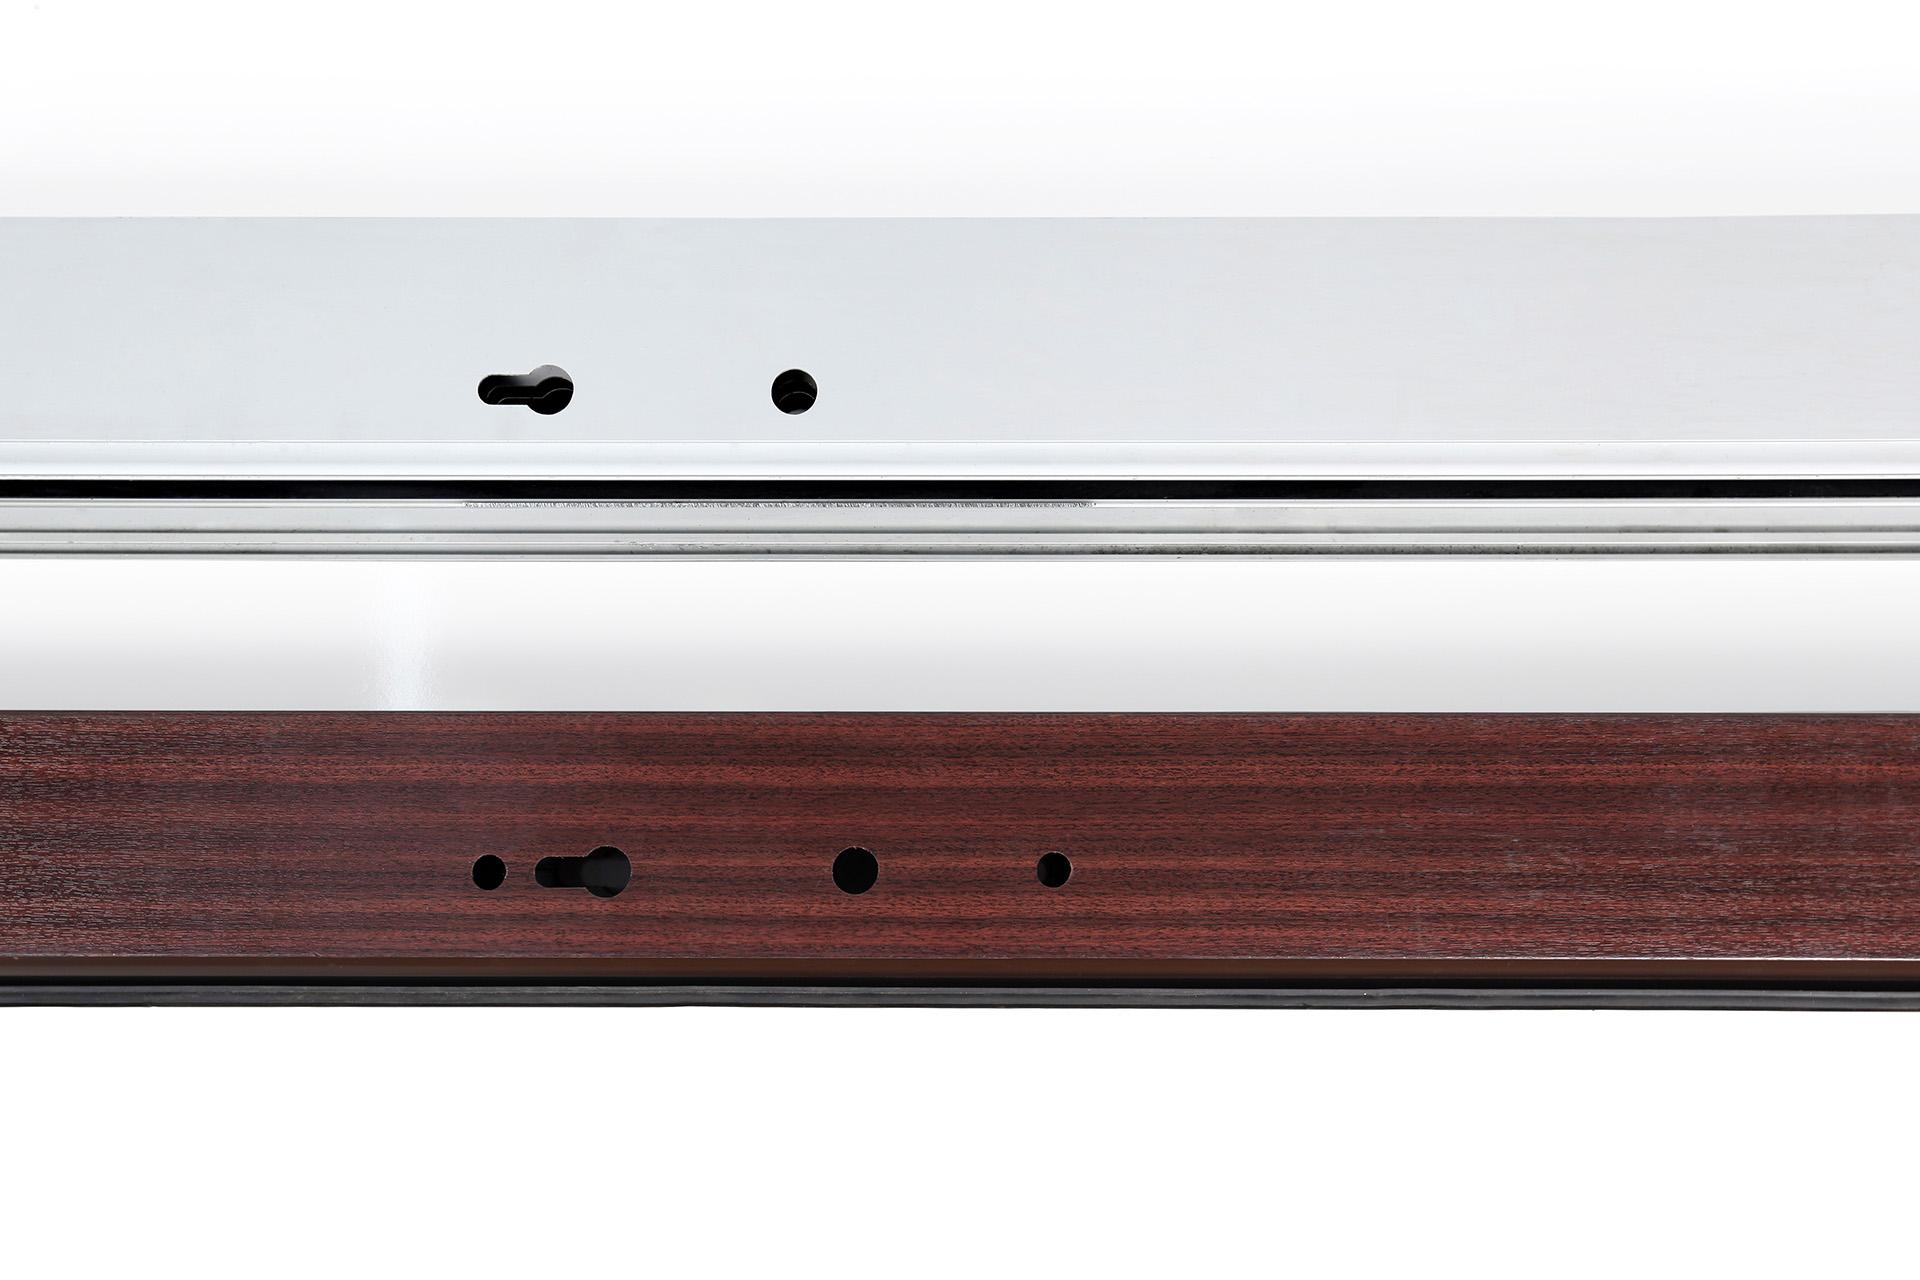 sc5000f